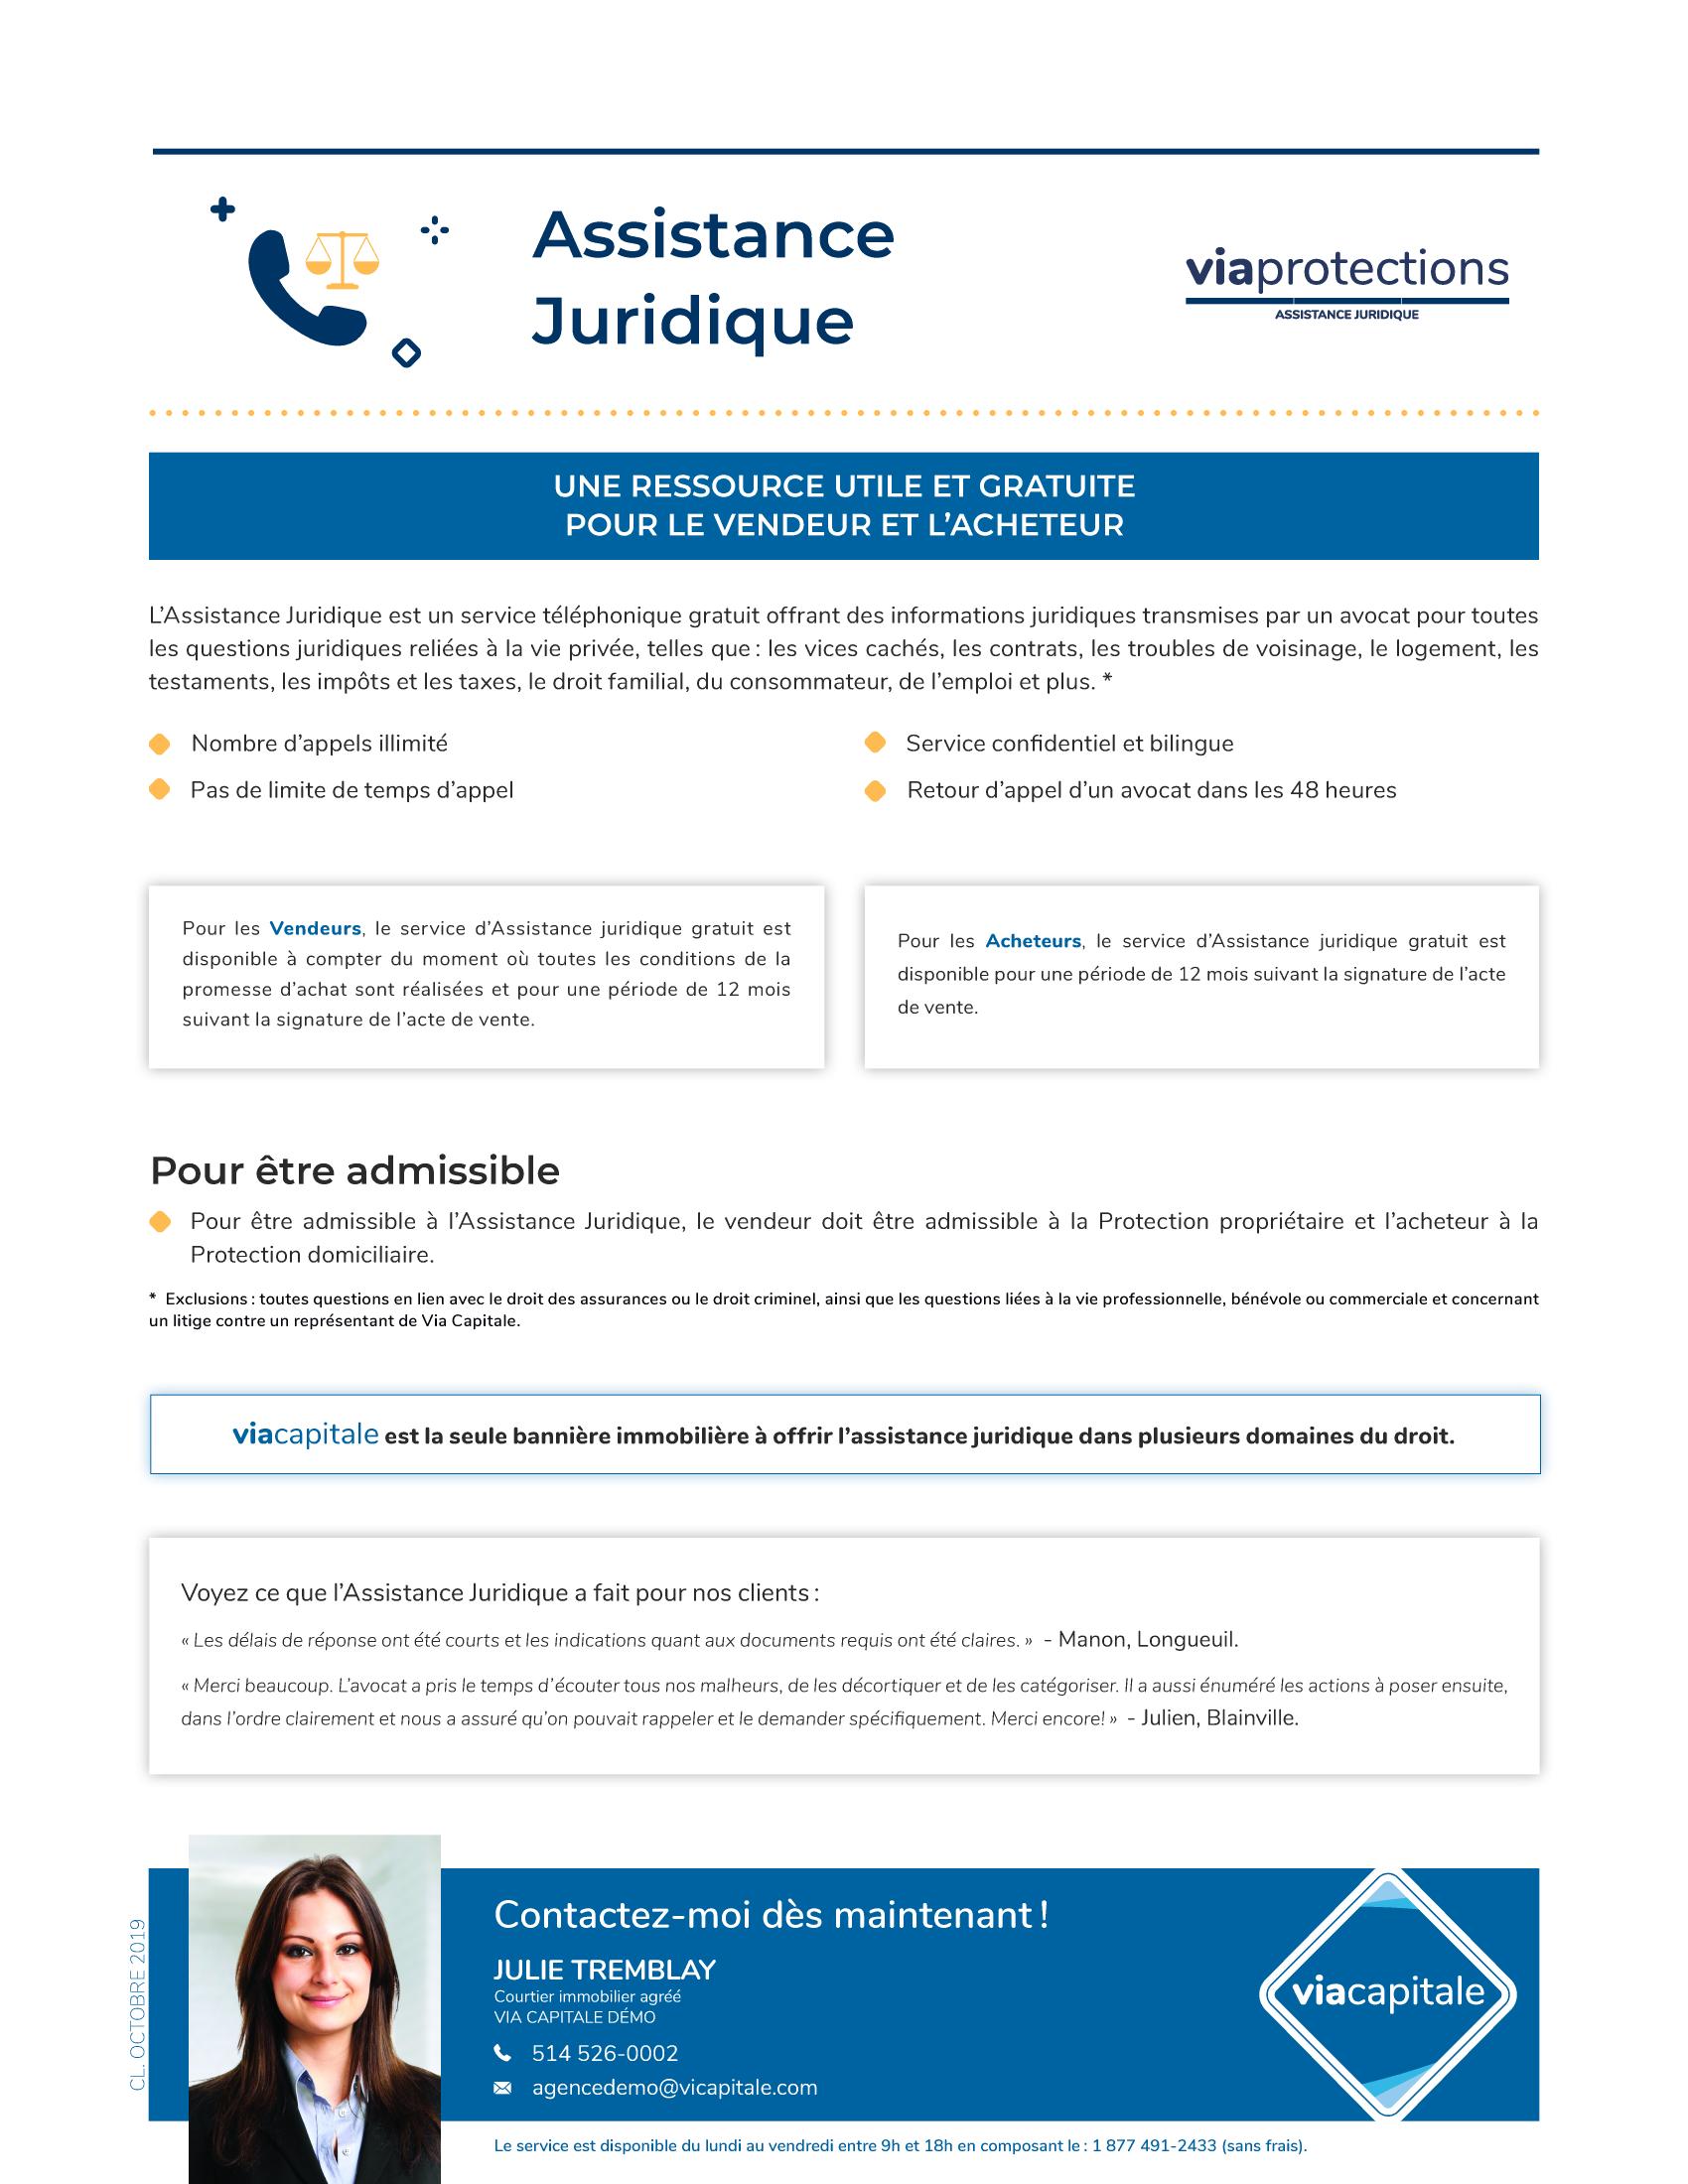 1 | Assistance Juridique - AVEC photo